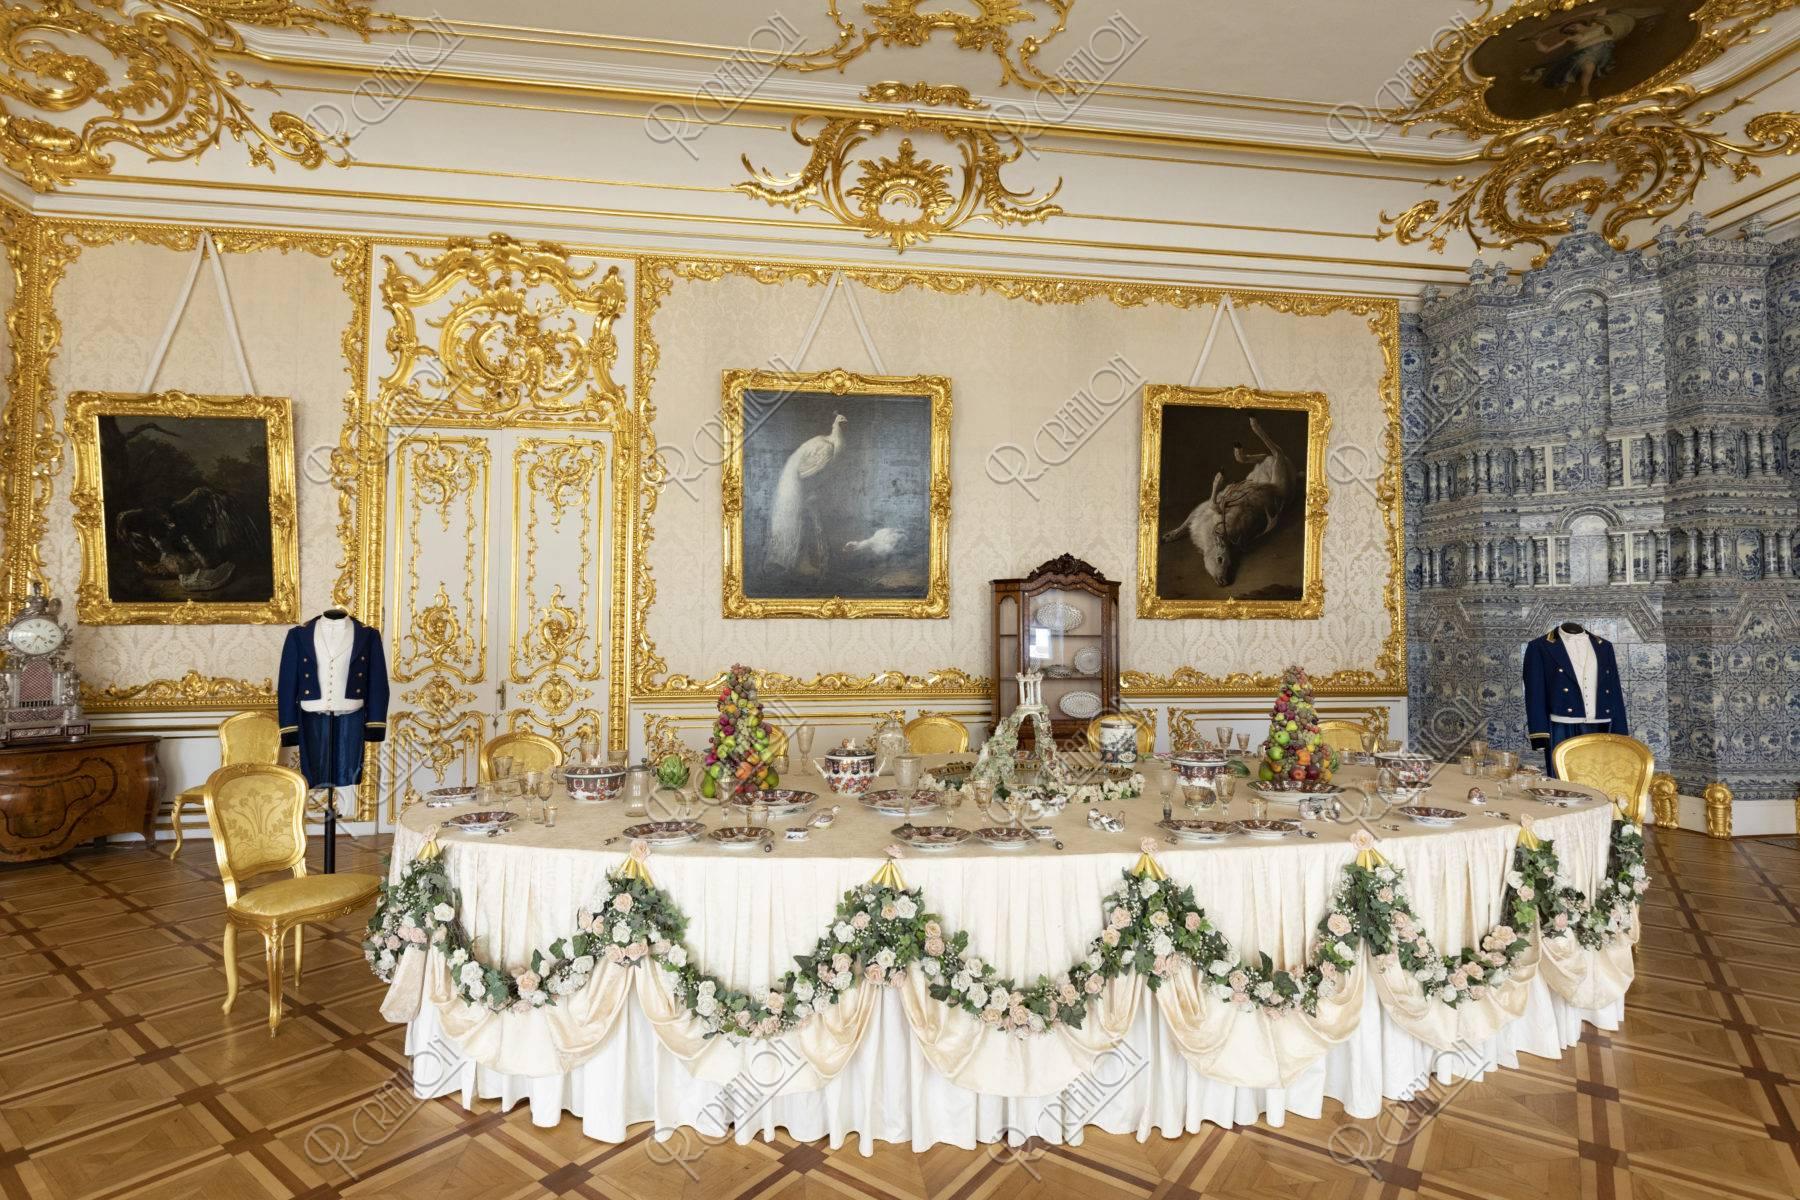 エカテリーナ宮殿 内部 食堂